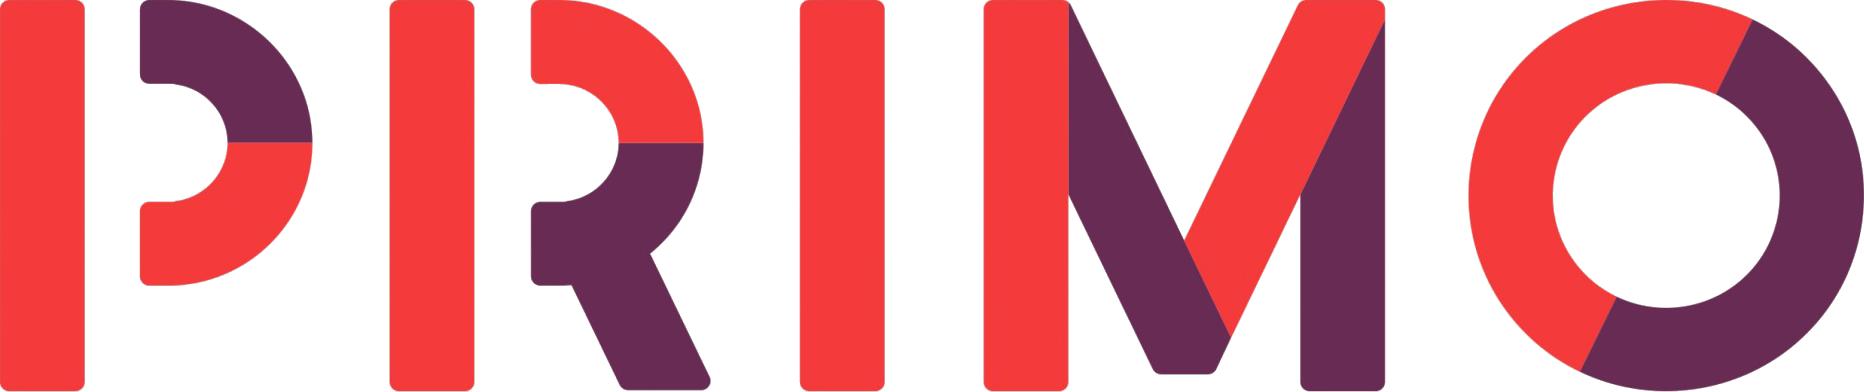 logo_extraheight-2000×1560